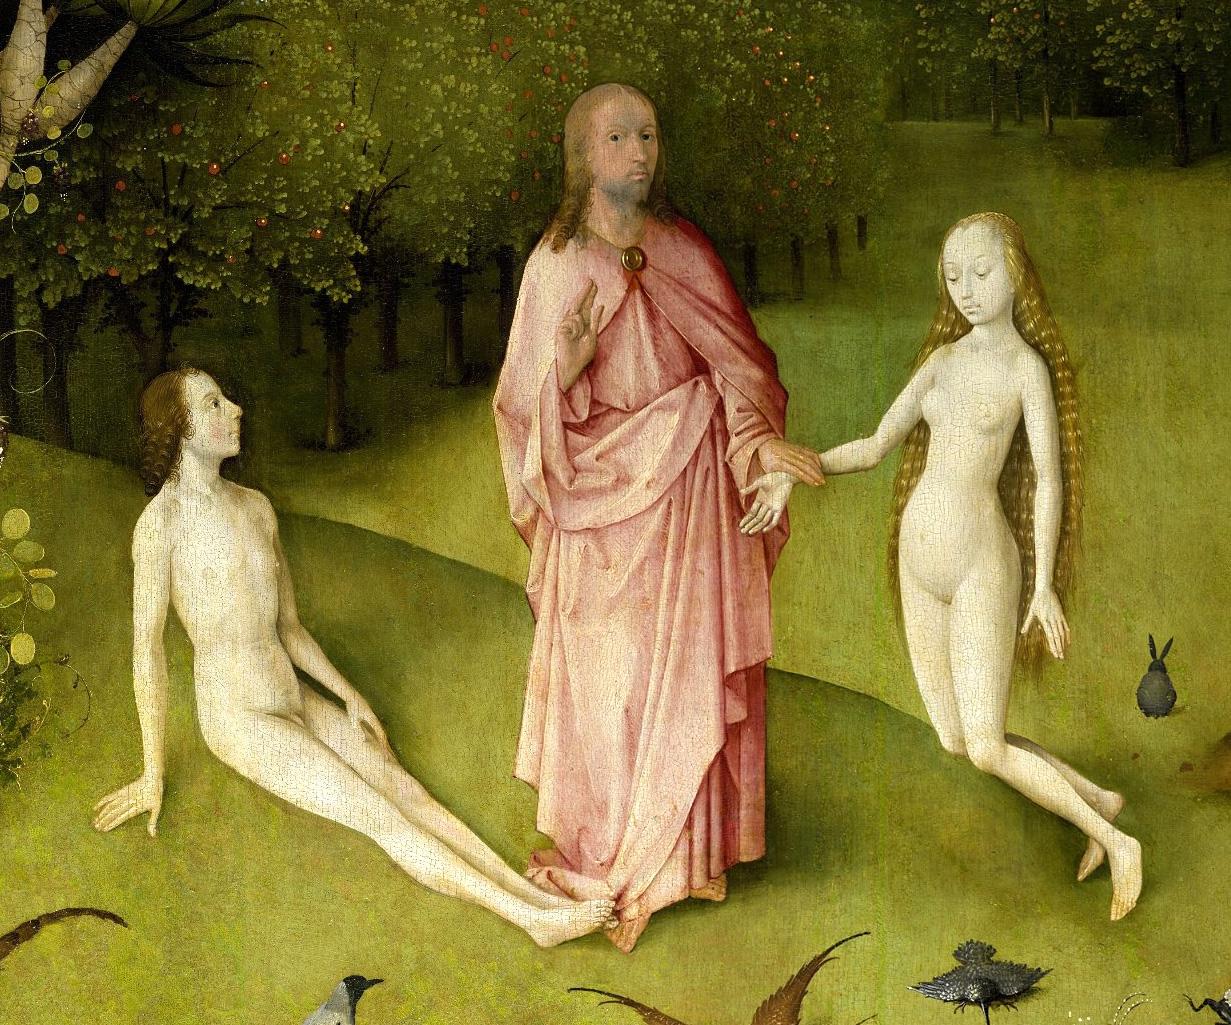 Грехопадение и эволюция — современное прочтение